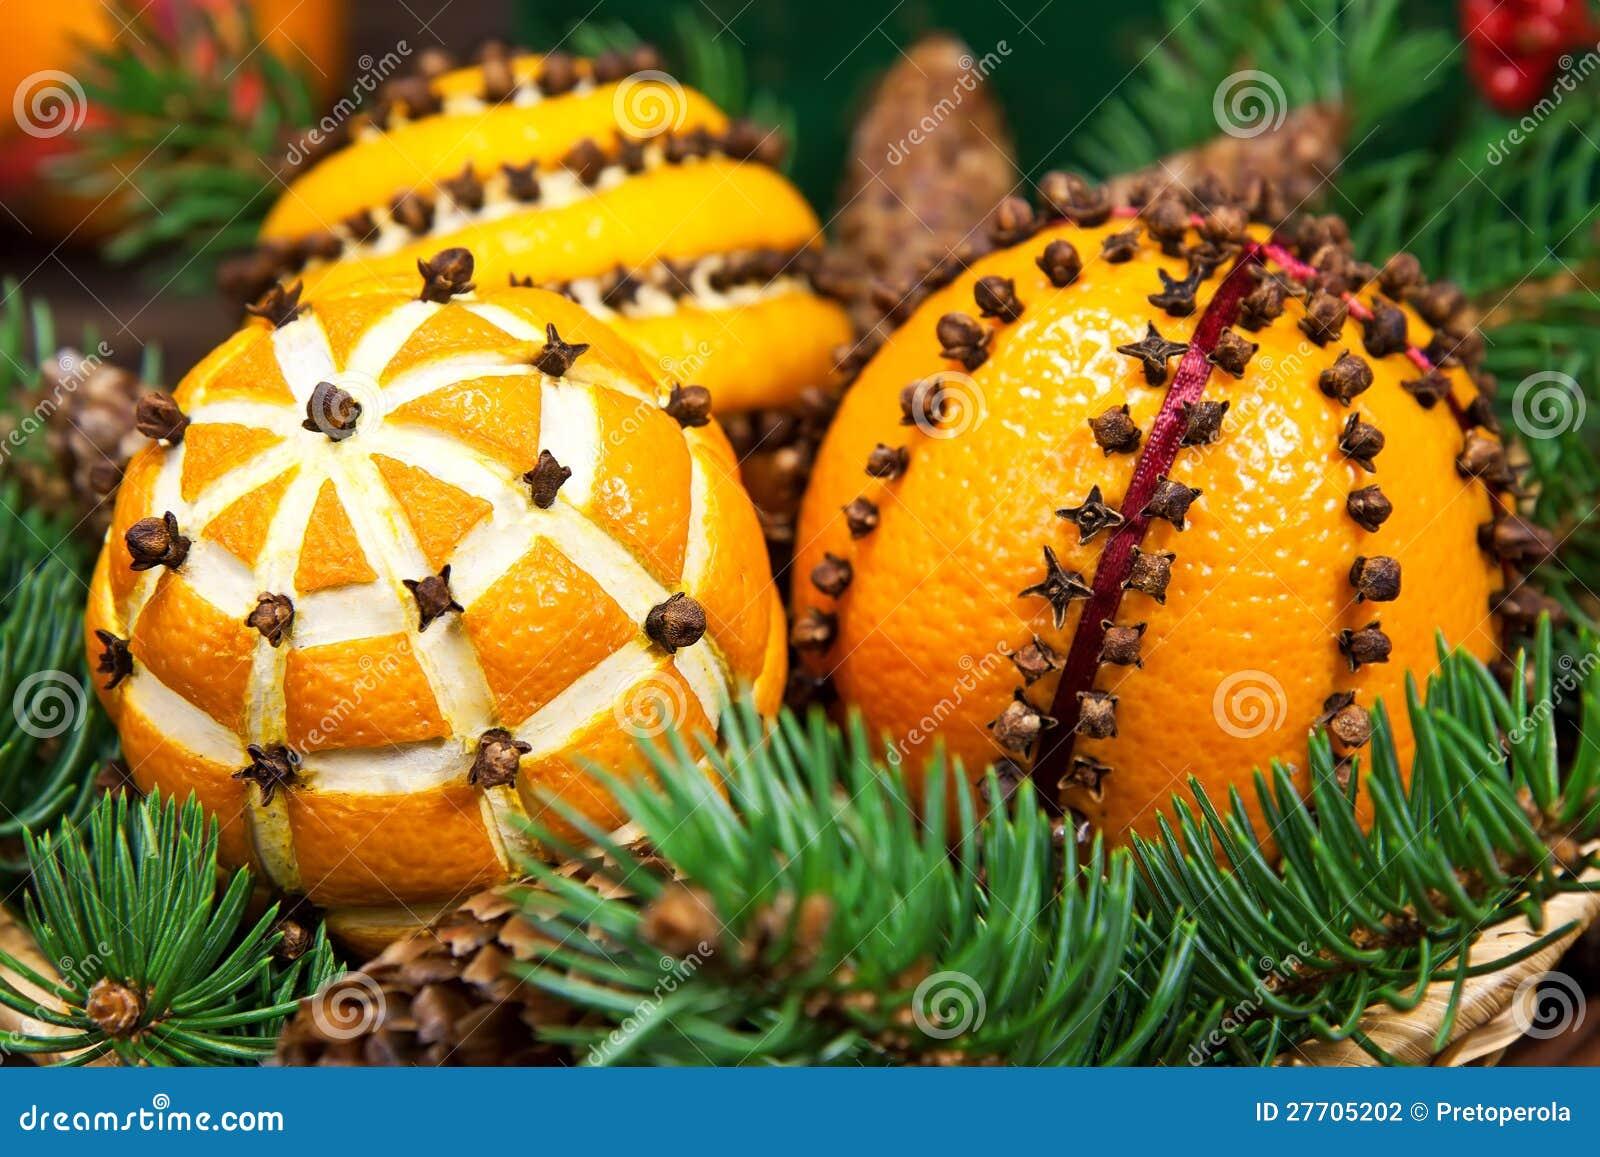 #C89703 Décoration De Noël Avec Les Oranges Et L'arbre De Sapin  7804 Décoration De Noel Avec Des Fruits 1300x957 px @ aertt.com